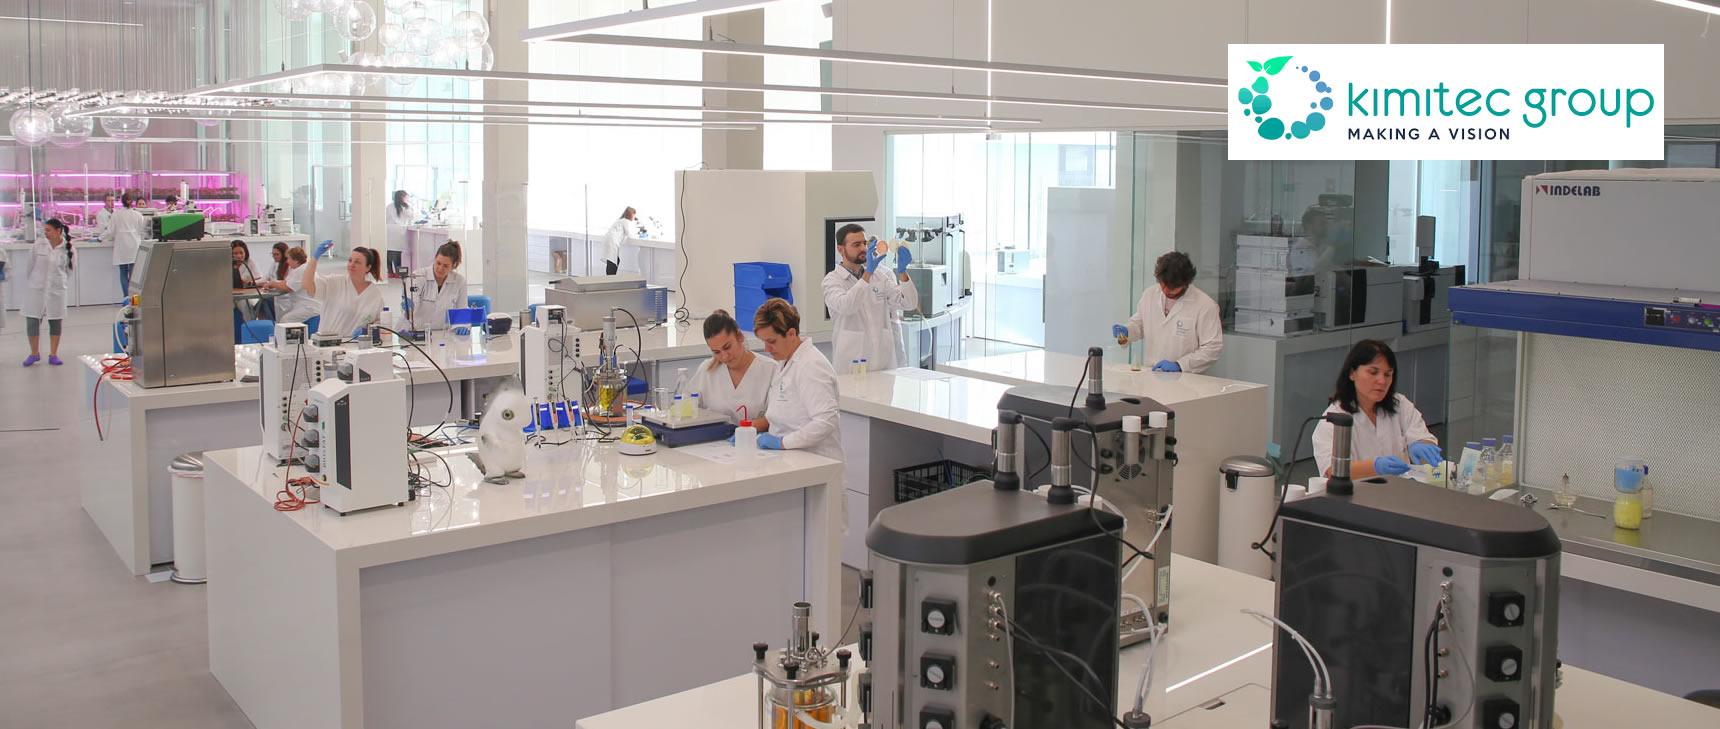 O maior centro de pesquisa de biopesticidas, probióticos e prebióticos da Europa.